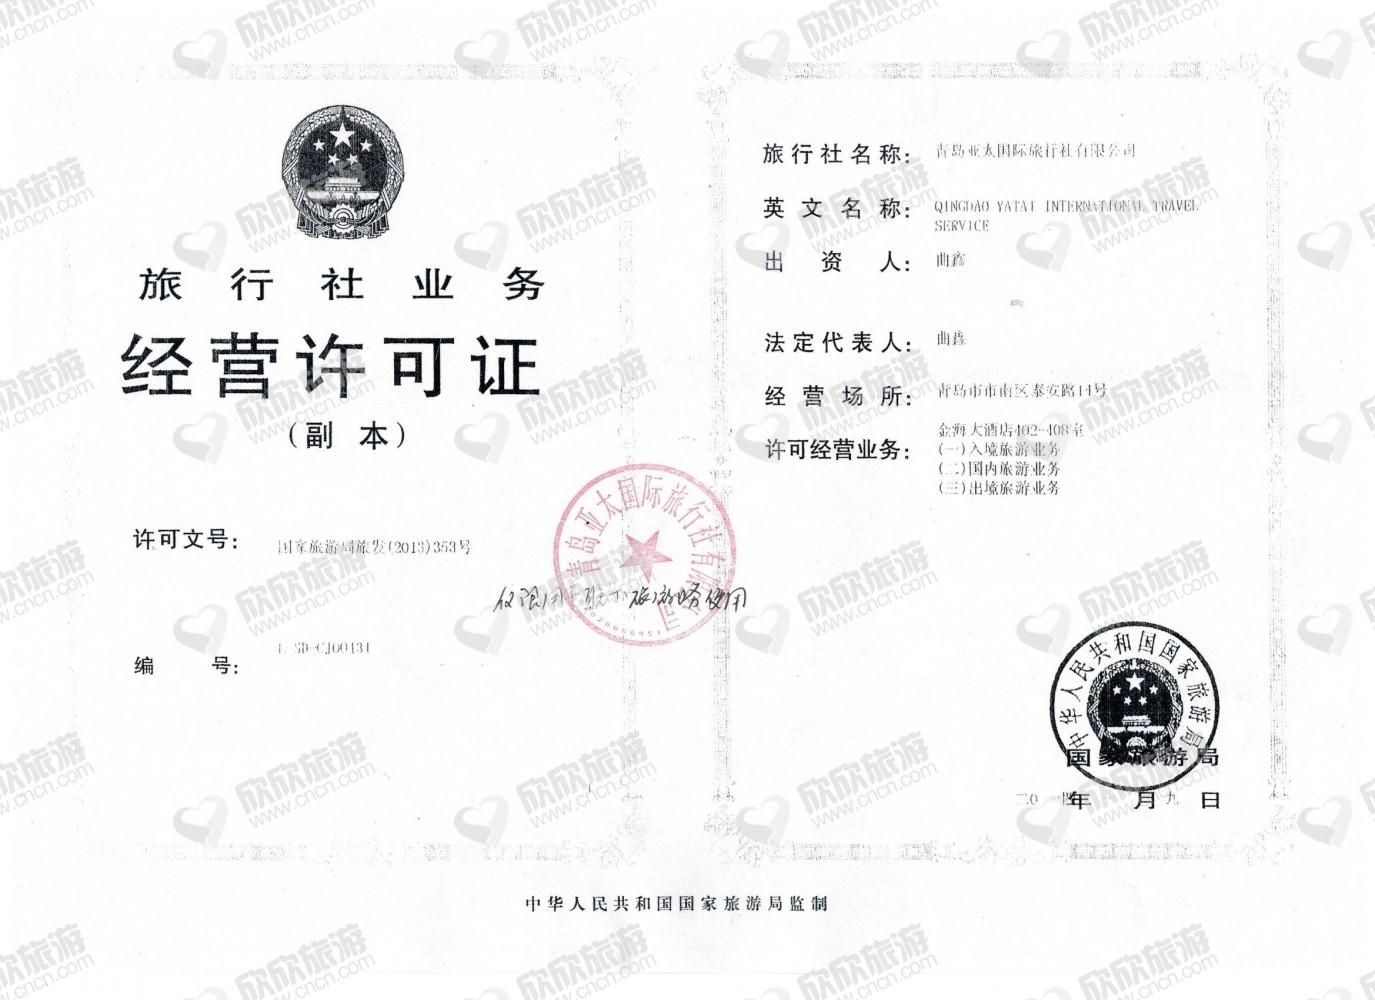 青岛亚太国际旅行社有限公司经营许可证